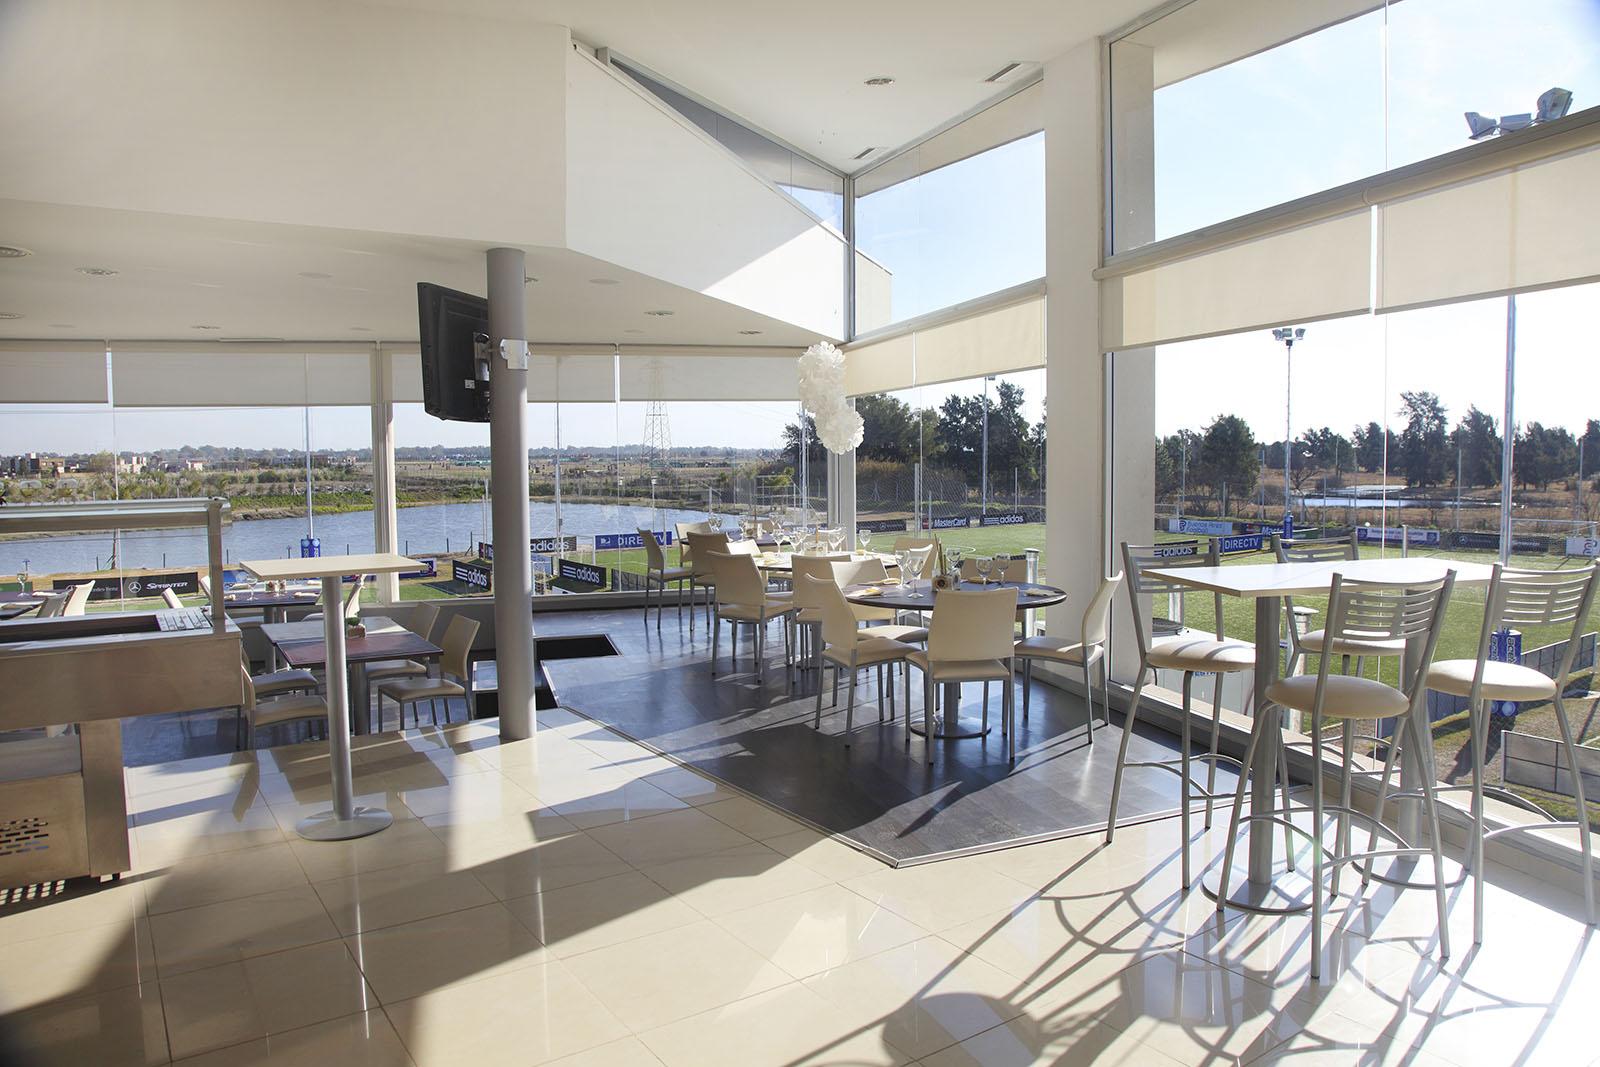 Bar en doble altura, arquitectura con desniveles, arquitectura contemporánea, restaurantes modernos